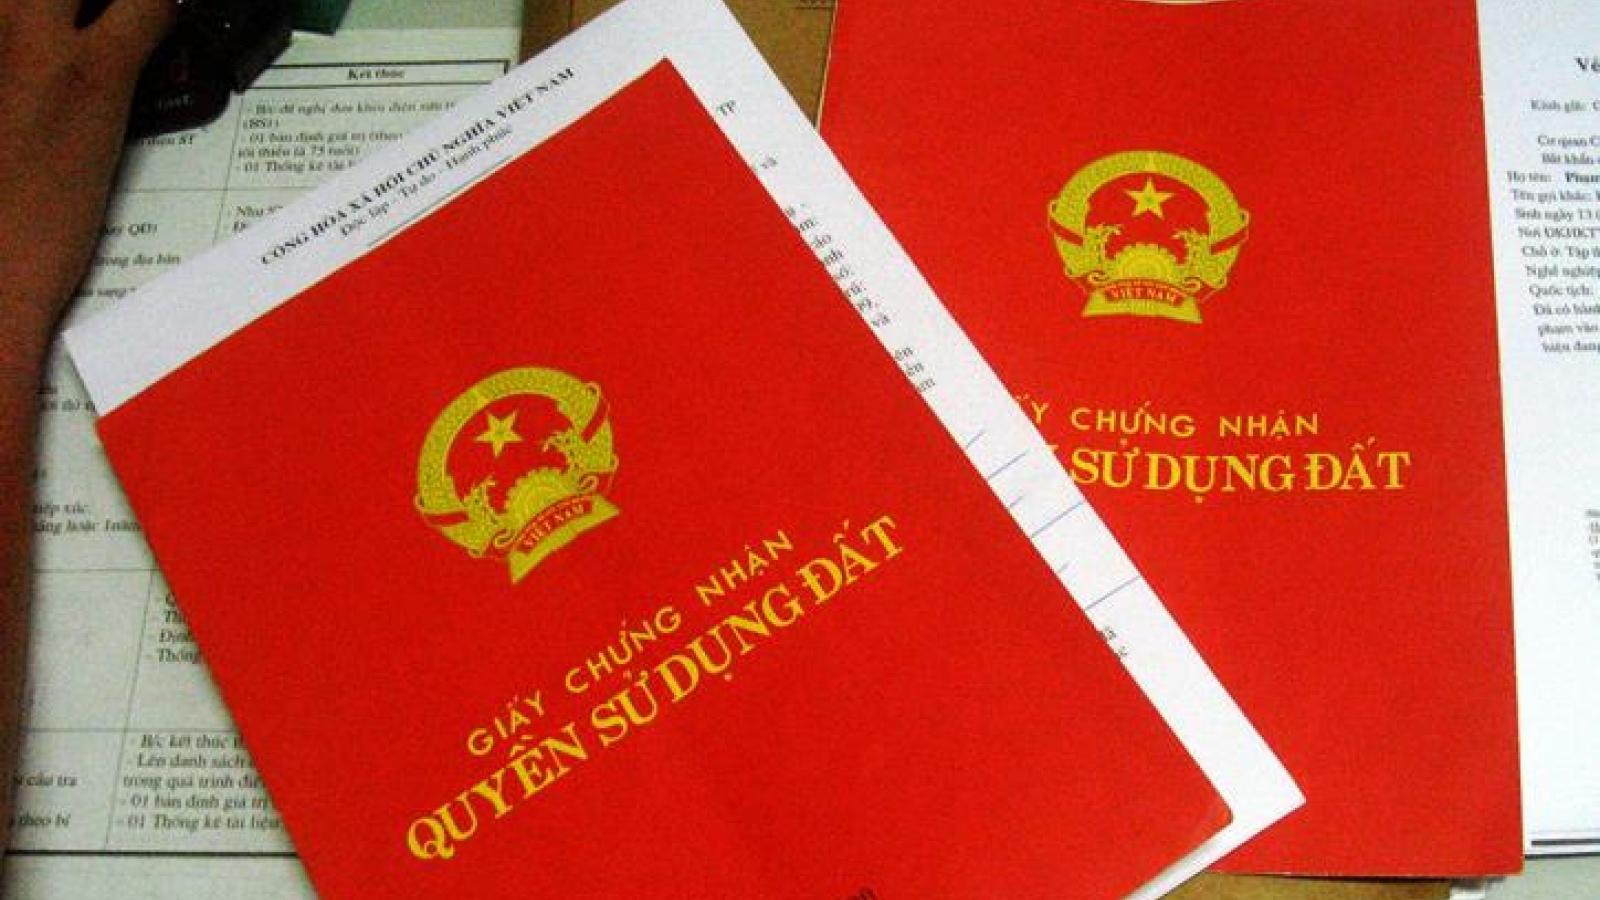 Đề nghị tạo điều kiện cho việc ghi tên 2 vợ chồng trên sổ đỏ